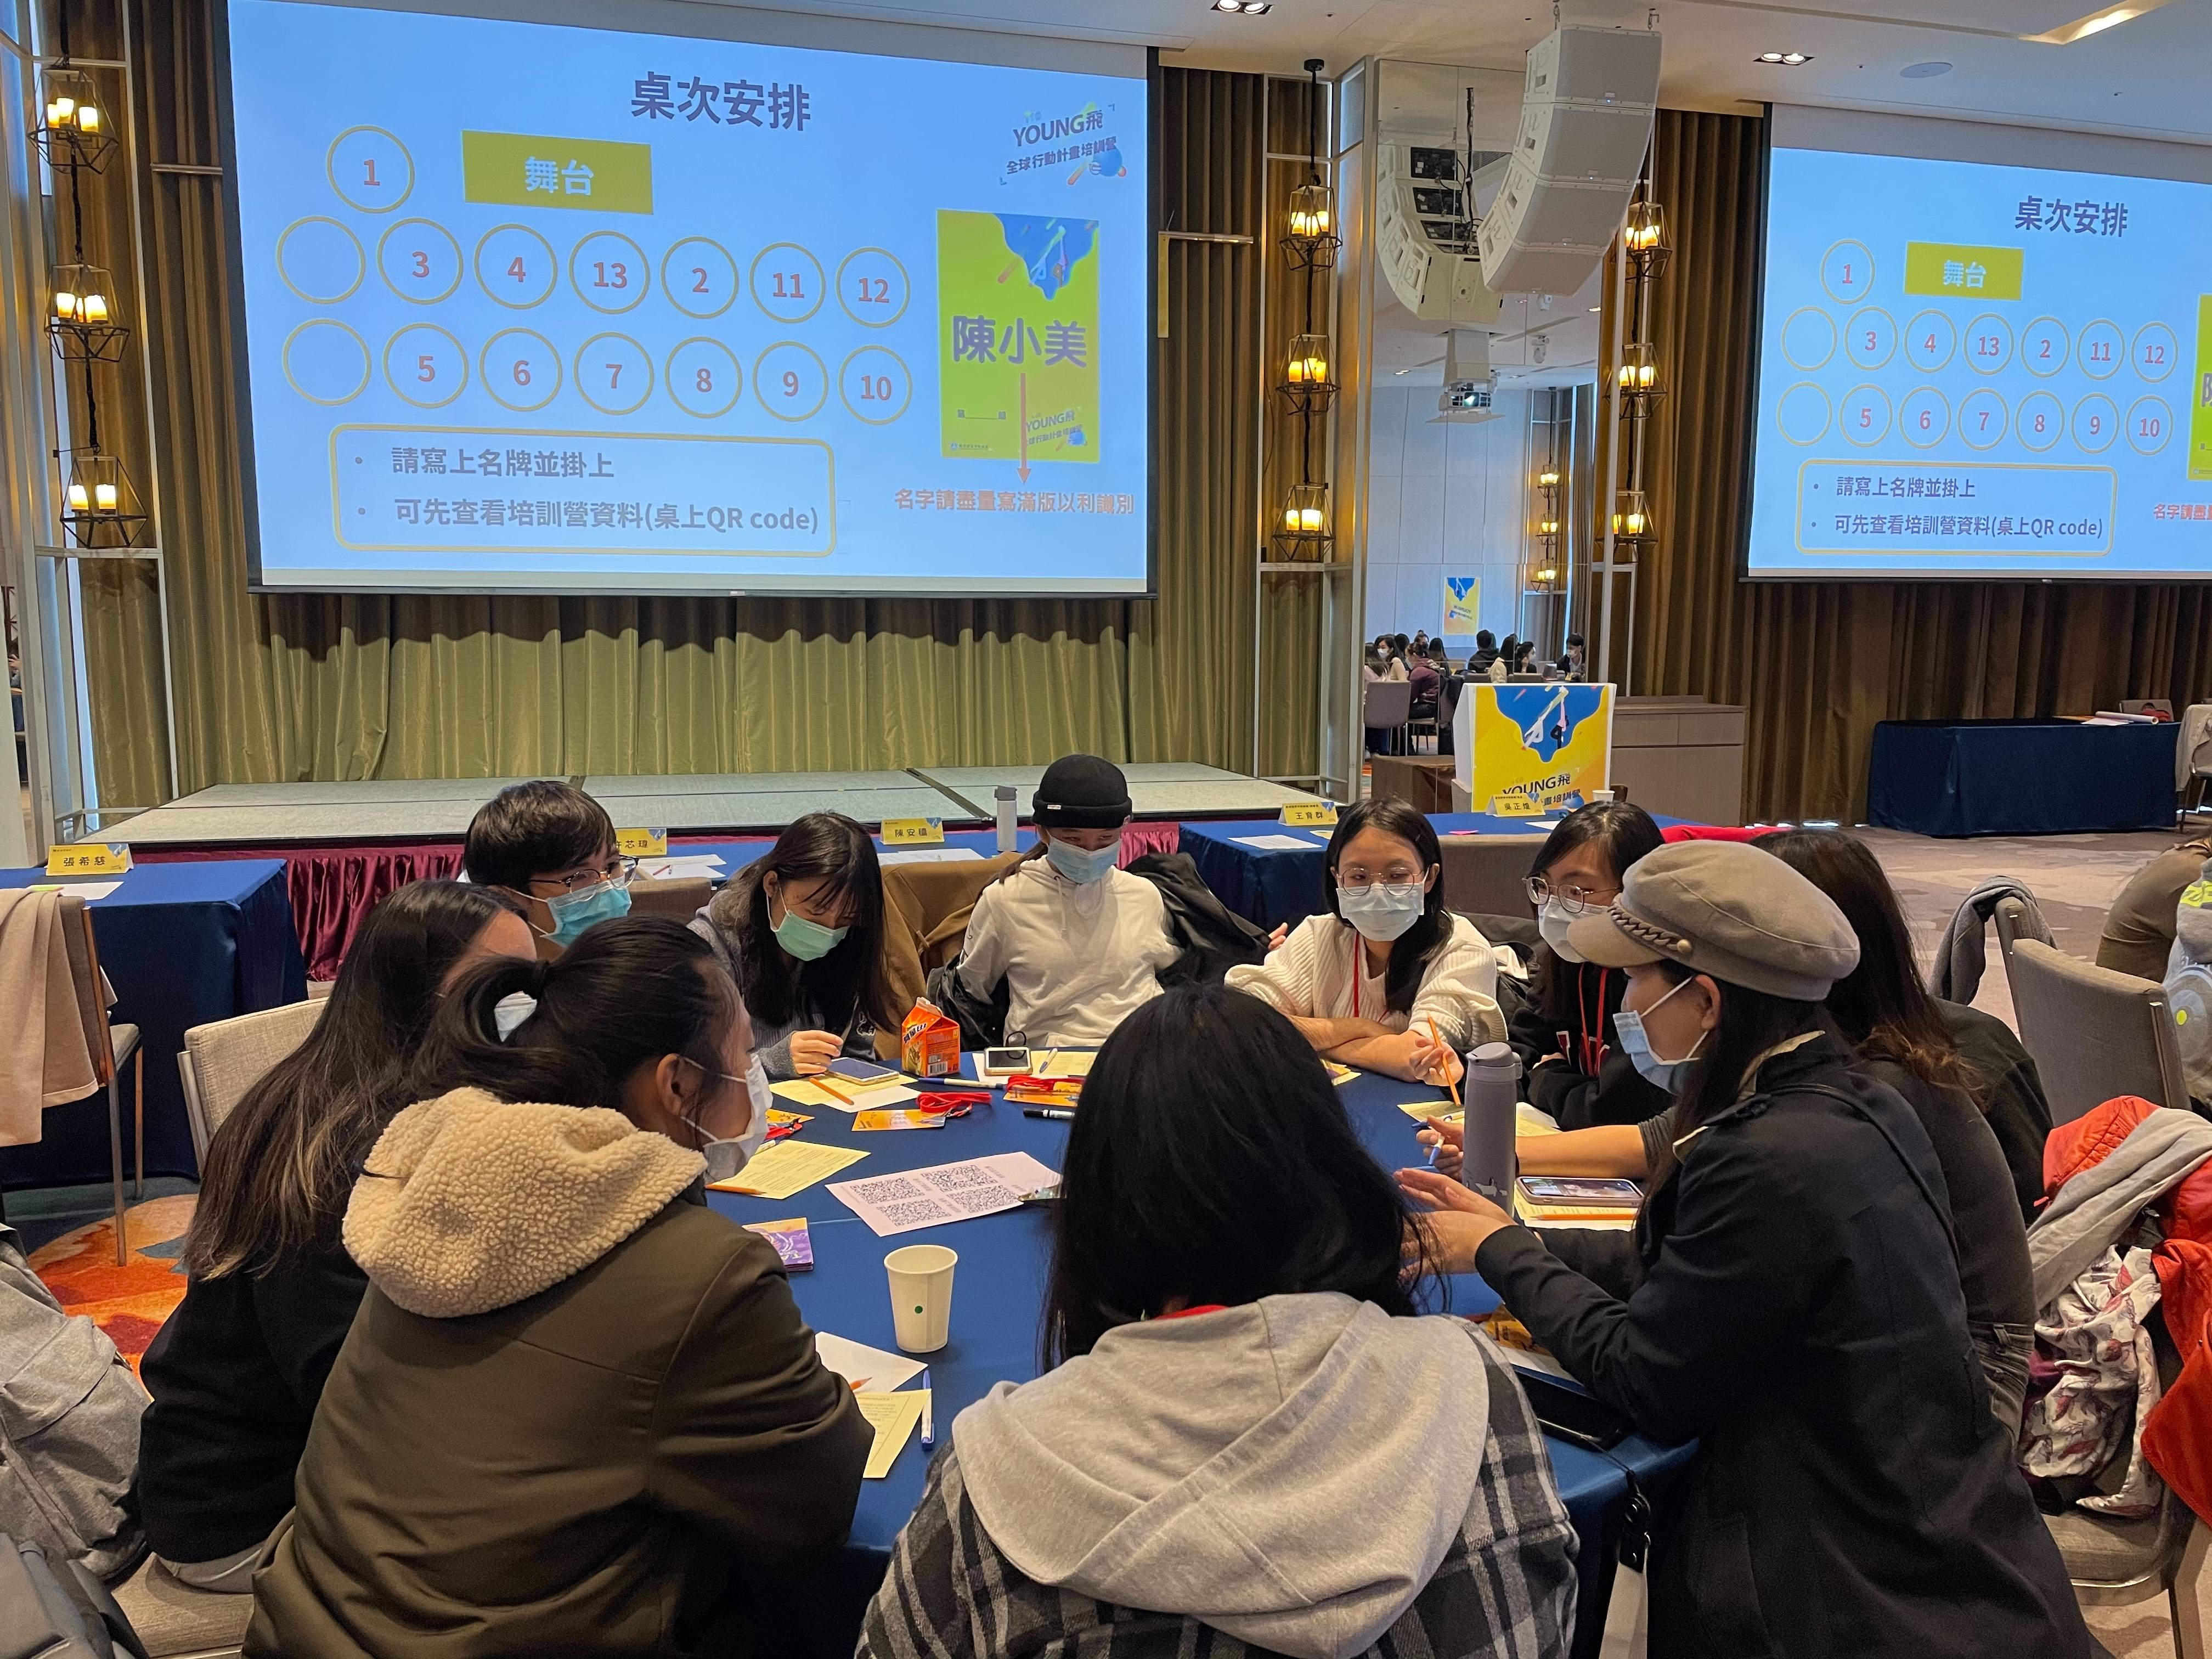 圖1:110年young飛全球行動計畫培訓營吸引百位青年參加。圖/黃婕攝。